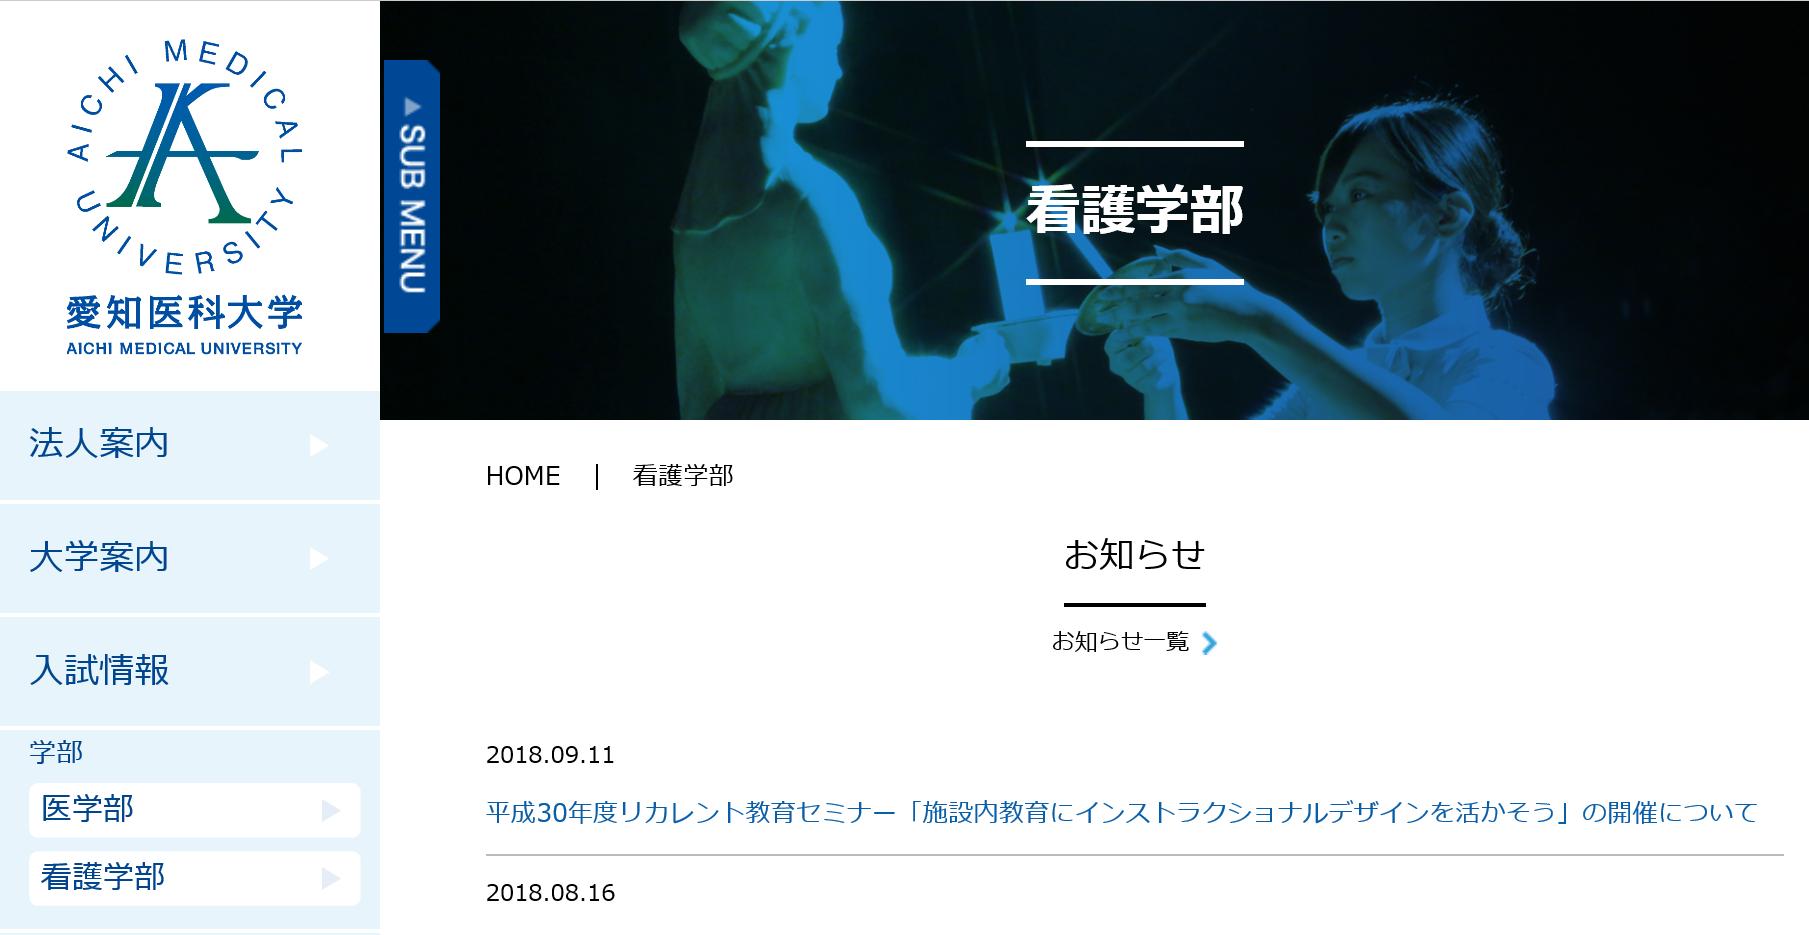 愛知医科大学の評判・口コミ【看護学部編】